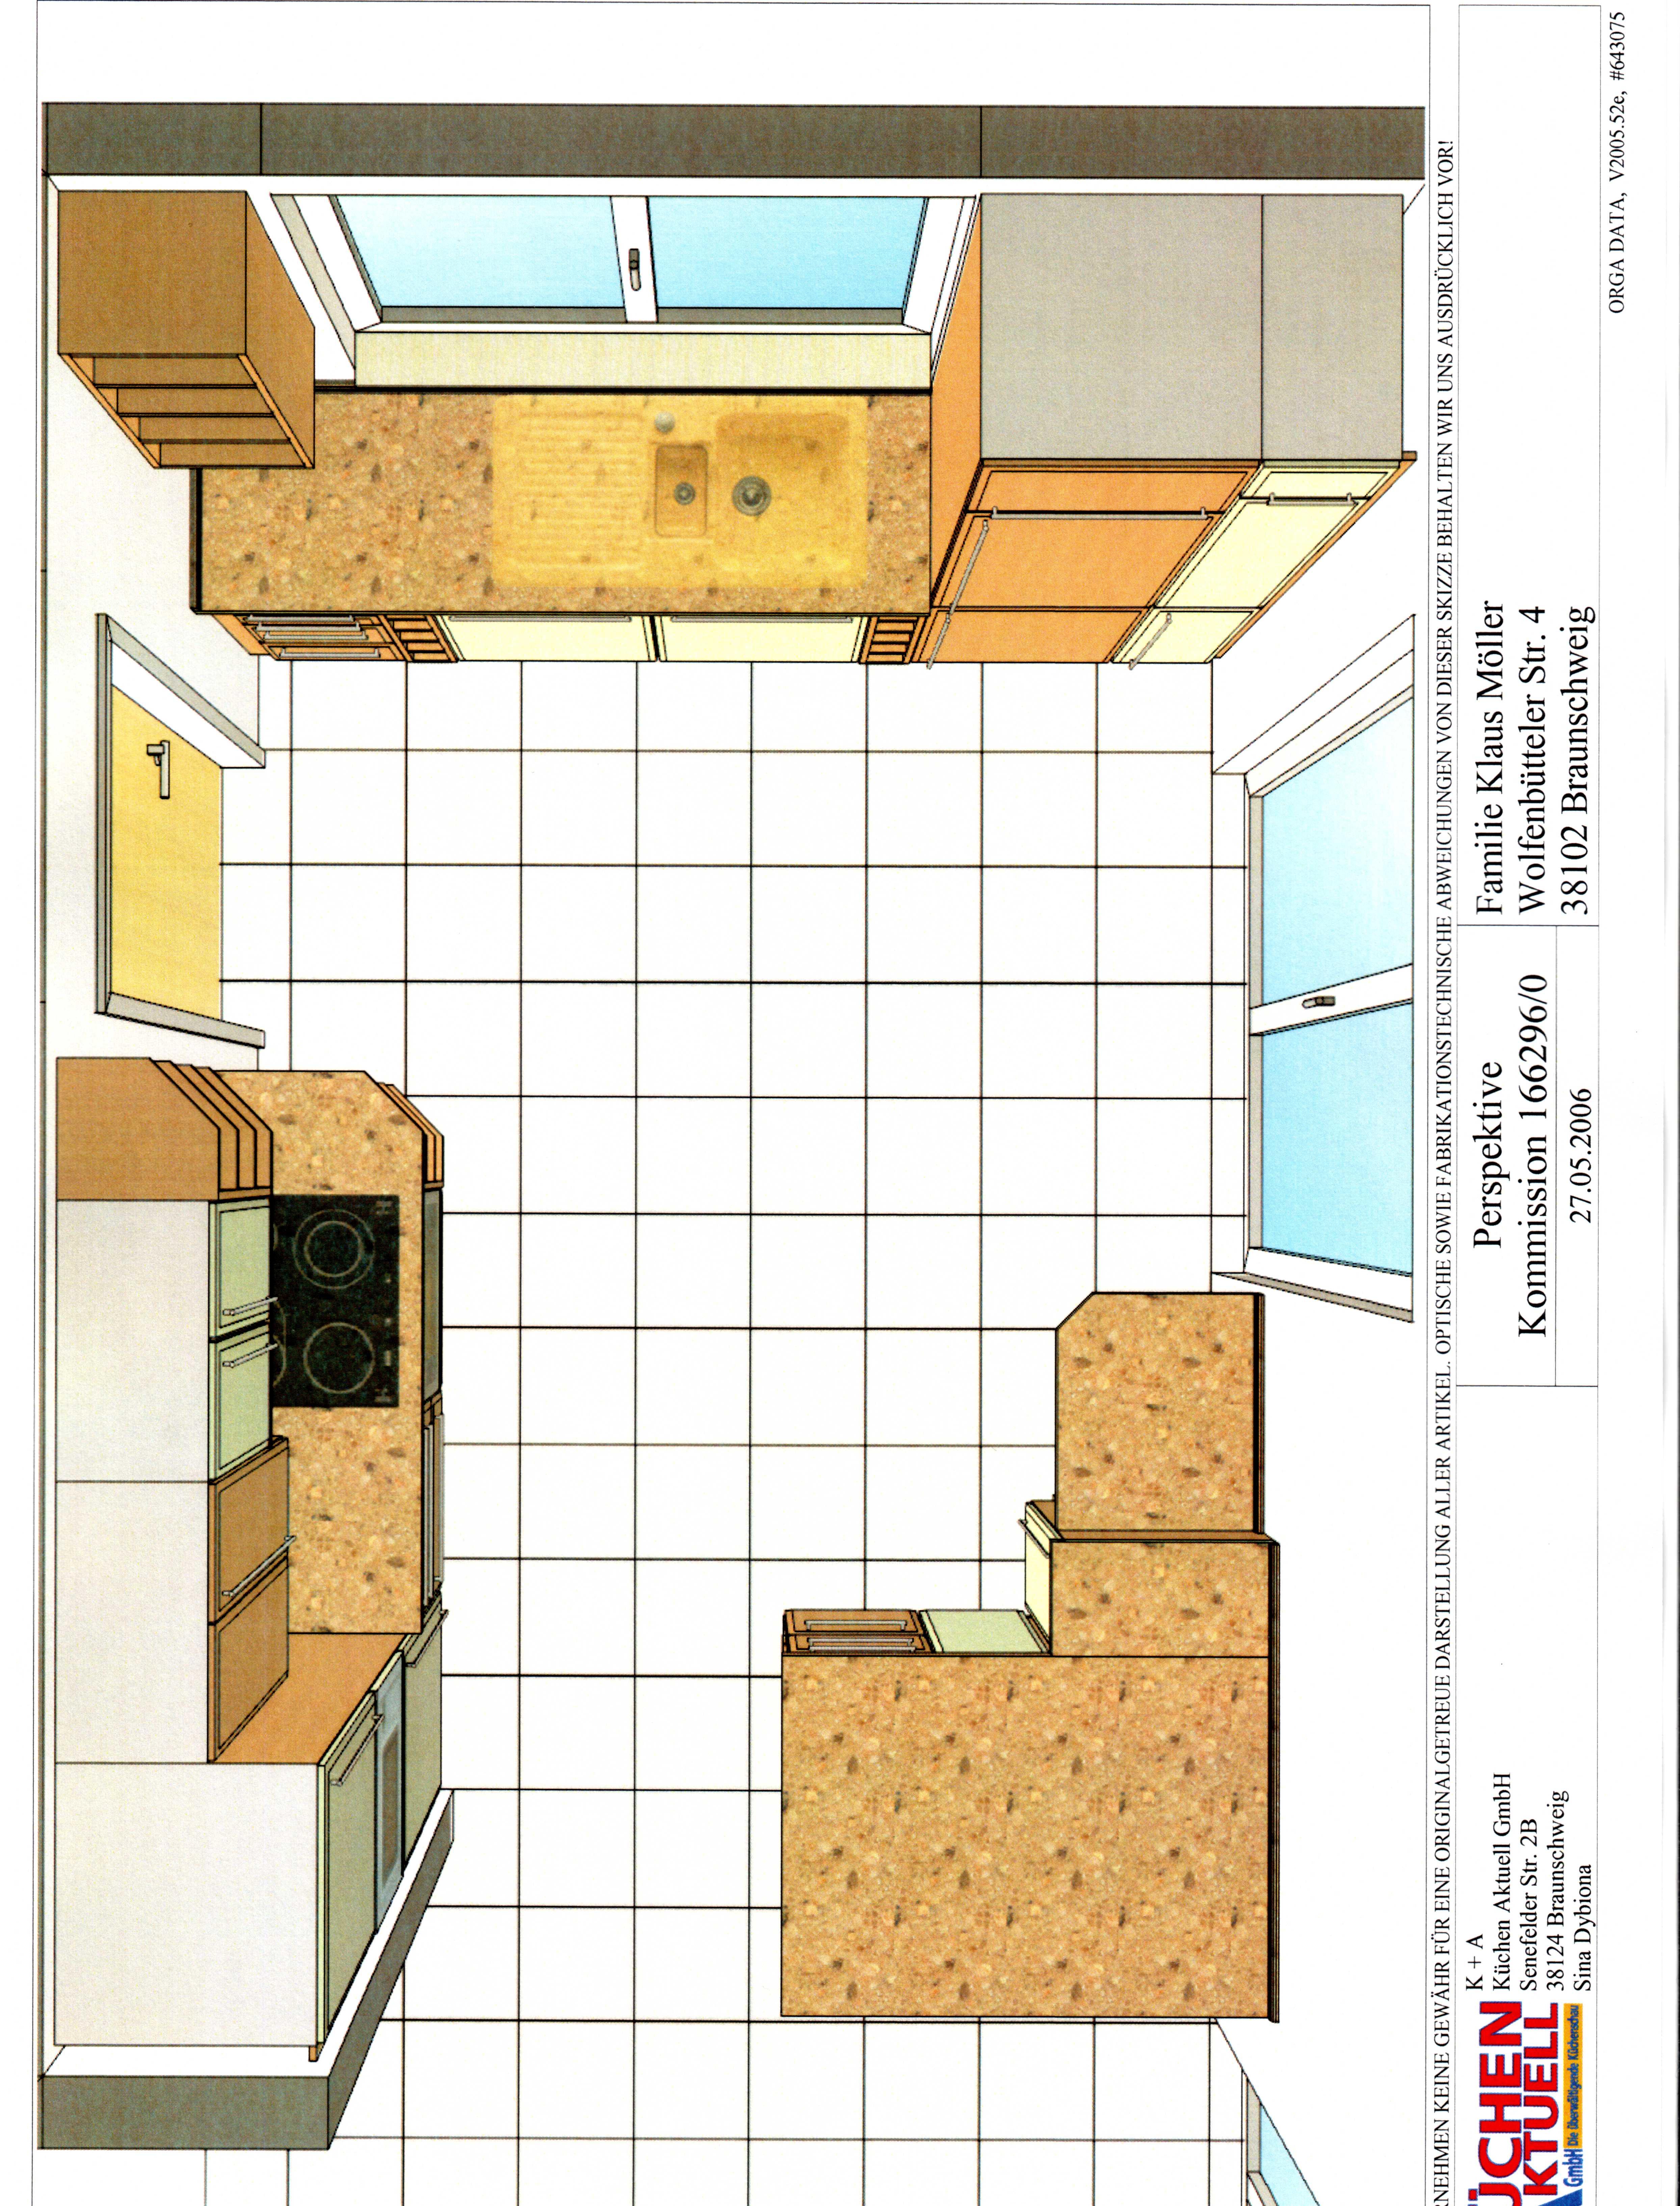 kuechen aktuell interesting kchen aktuell with kuechen aktuell latest kchen koblenz ziemlich. Black Bedroom Furniture Sets. Home Design Ideas